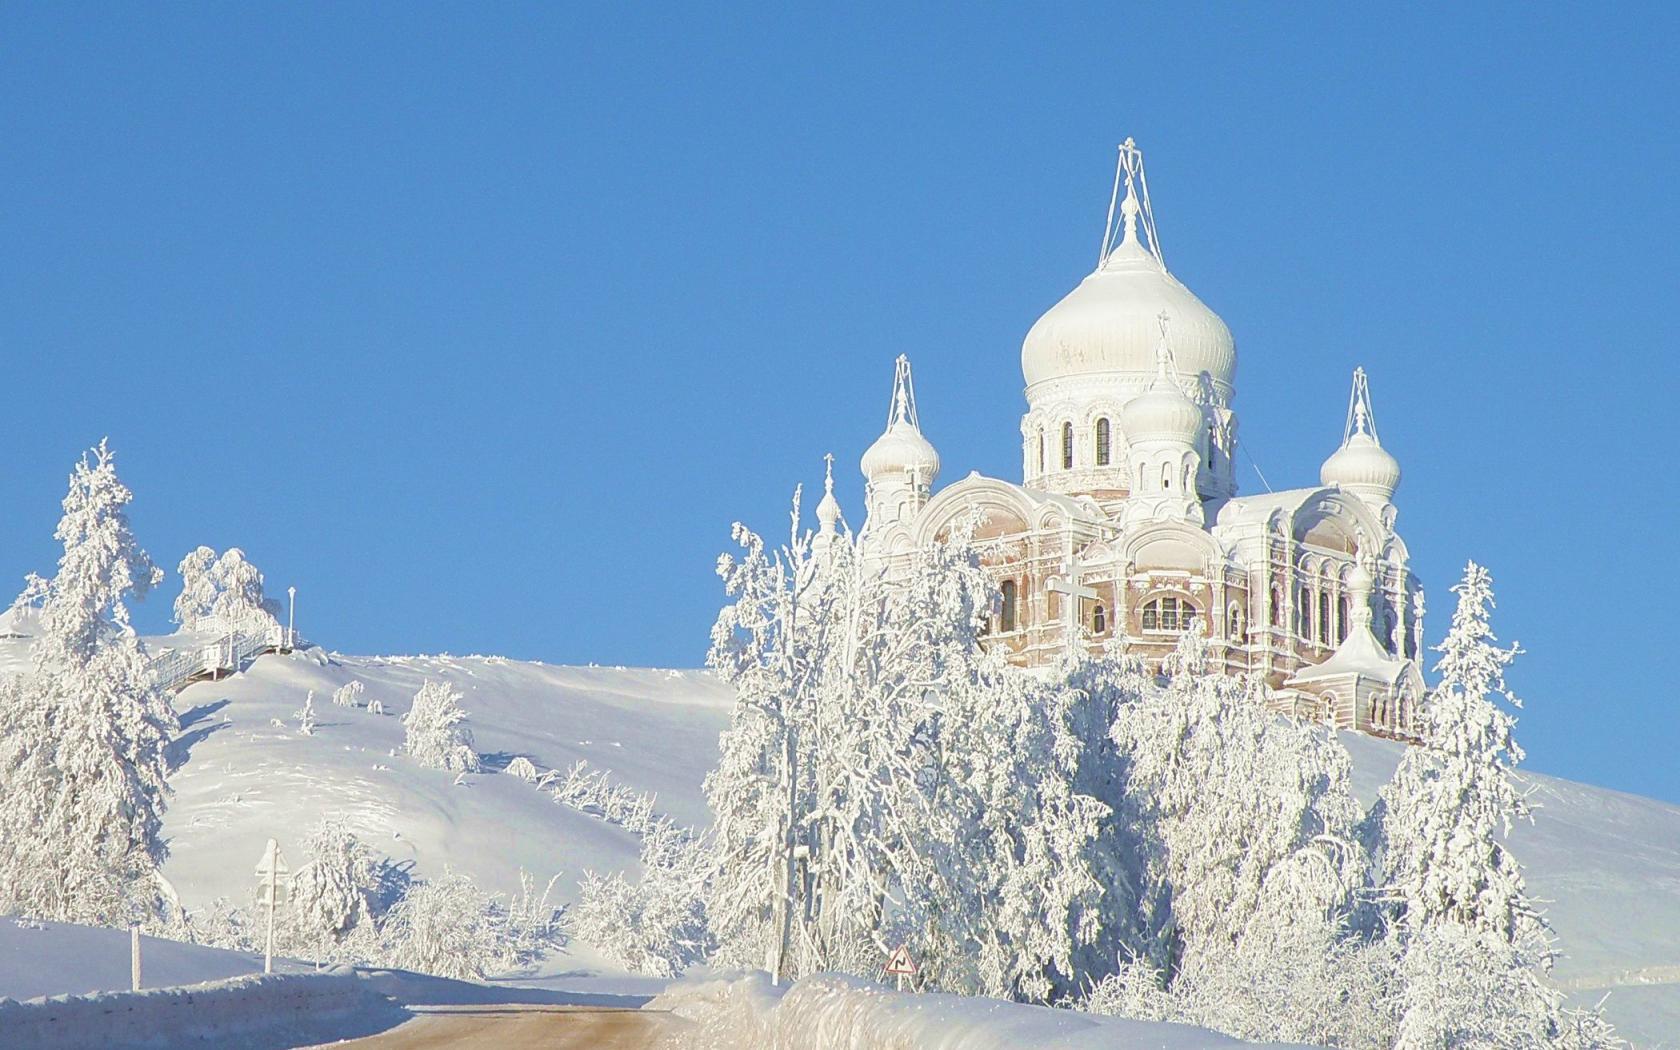 Зима храм деревья иней белогорье